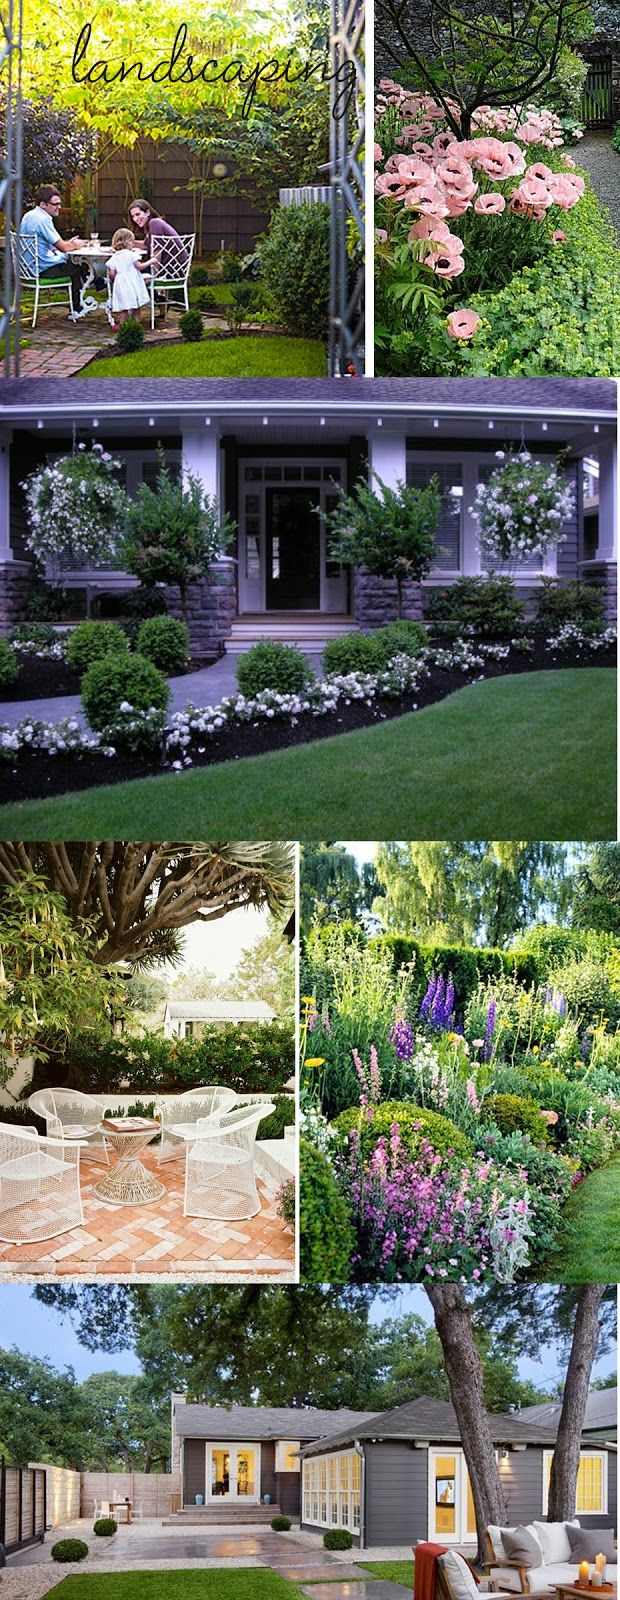 Landscaping ideas jardin pinterest jardines jard n for Ideas paisajismo jardines